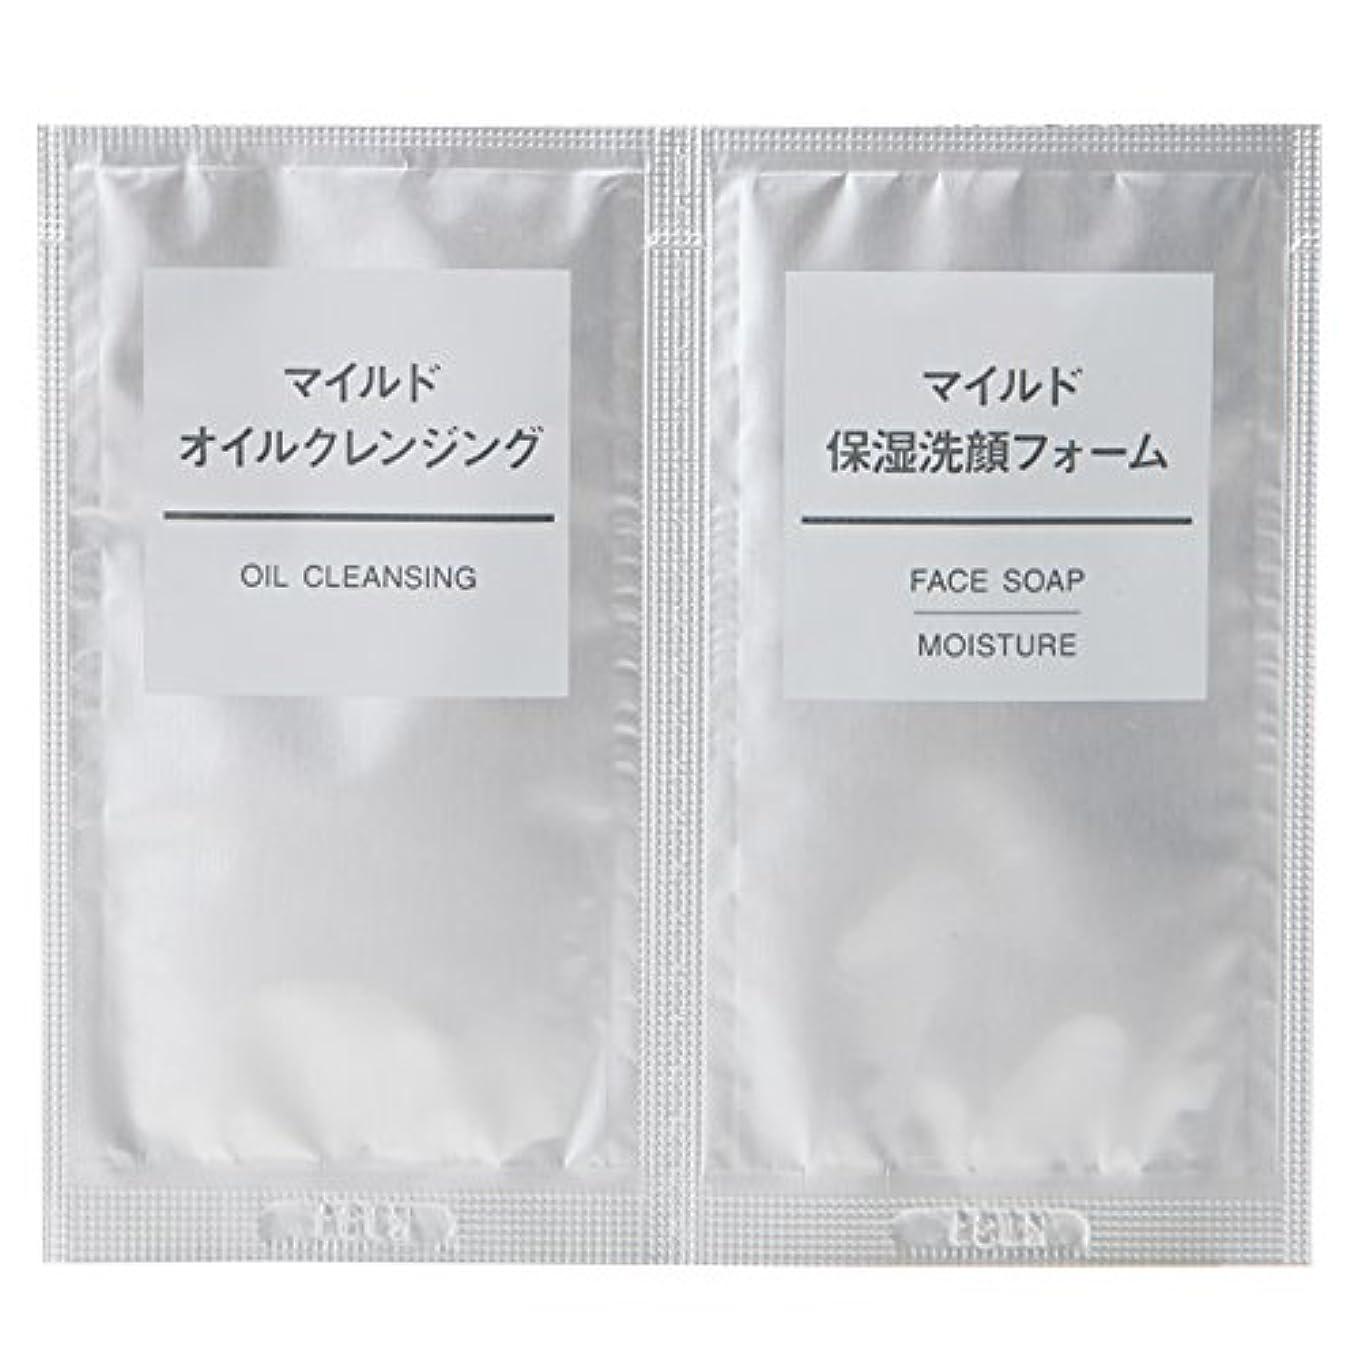 無印良品 マイルドオイルクレンジング?マイルド保湿洗顔フォームセット 3ml?3g(1回分)